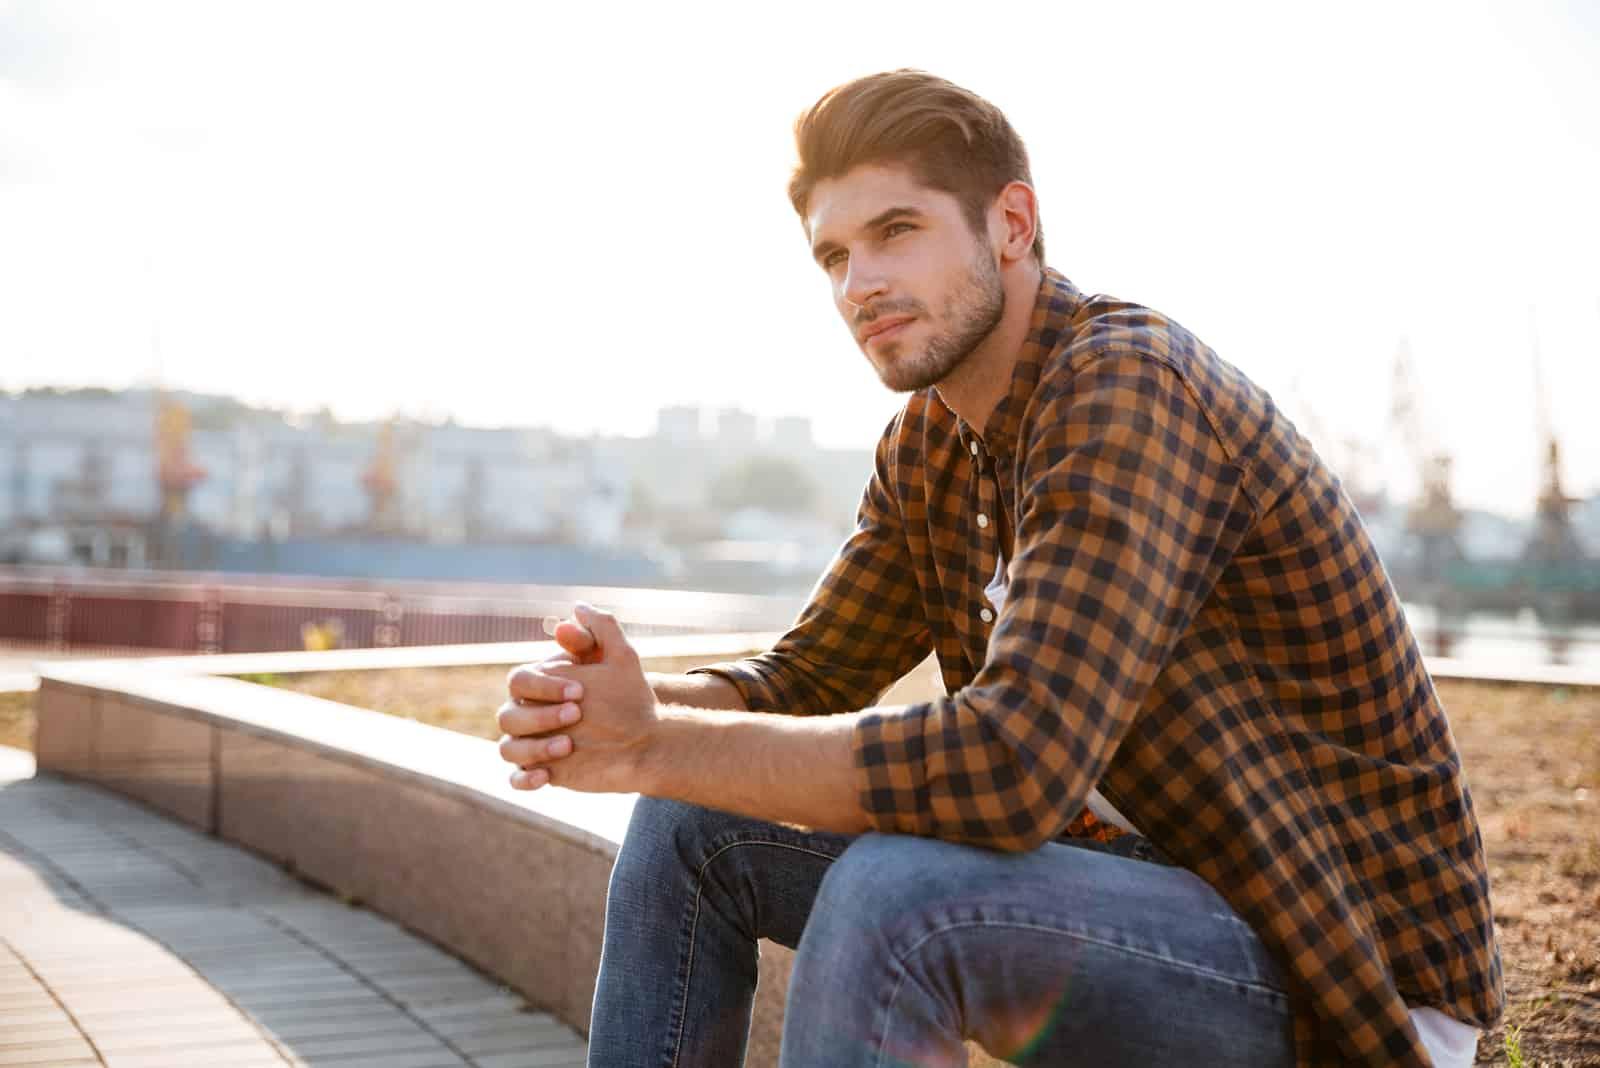 Pensive jeune homme en chemise à carreaux assis